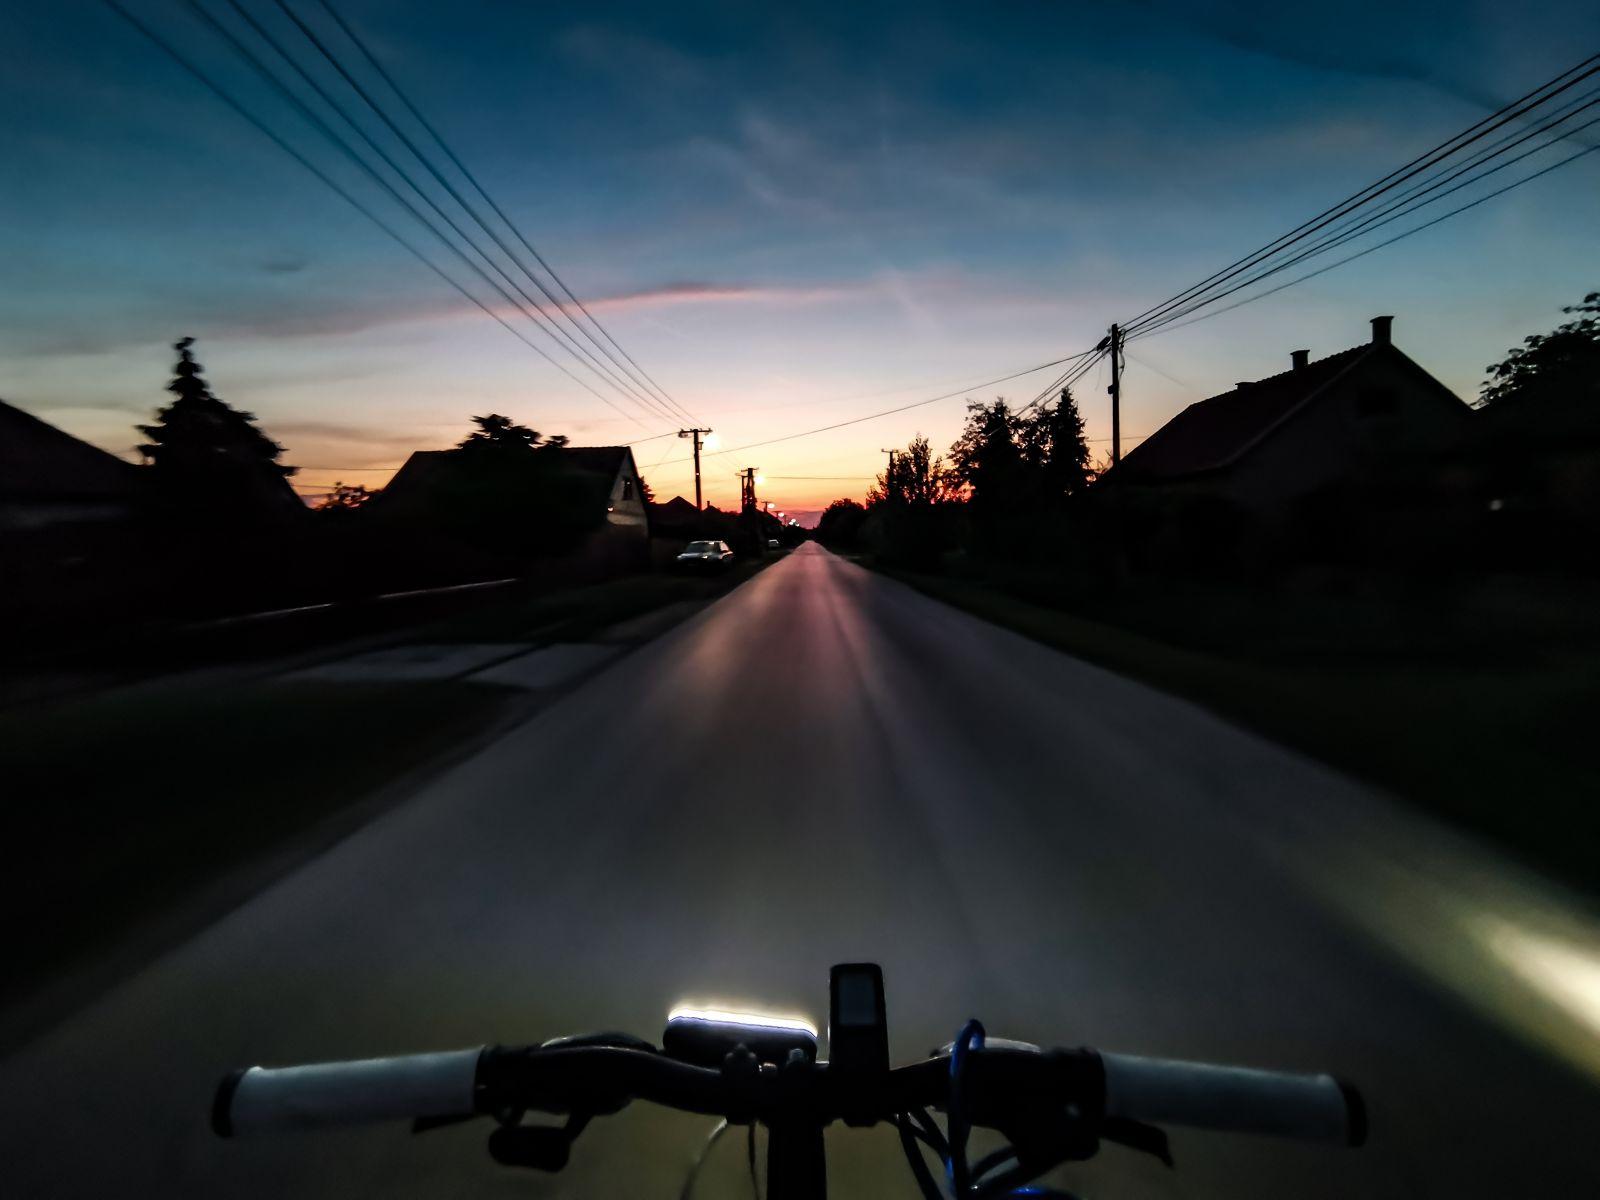 A hónap képe: Kerékpározás a naplementébe - Készítette: Rakusz Balázs